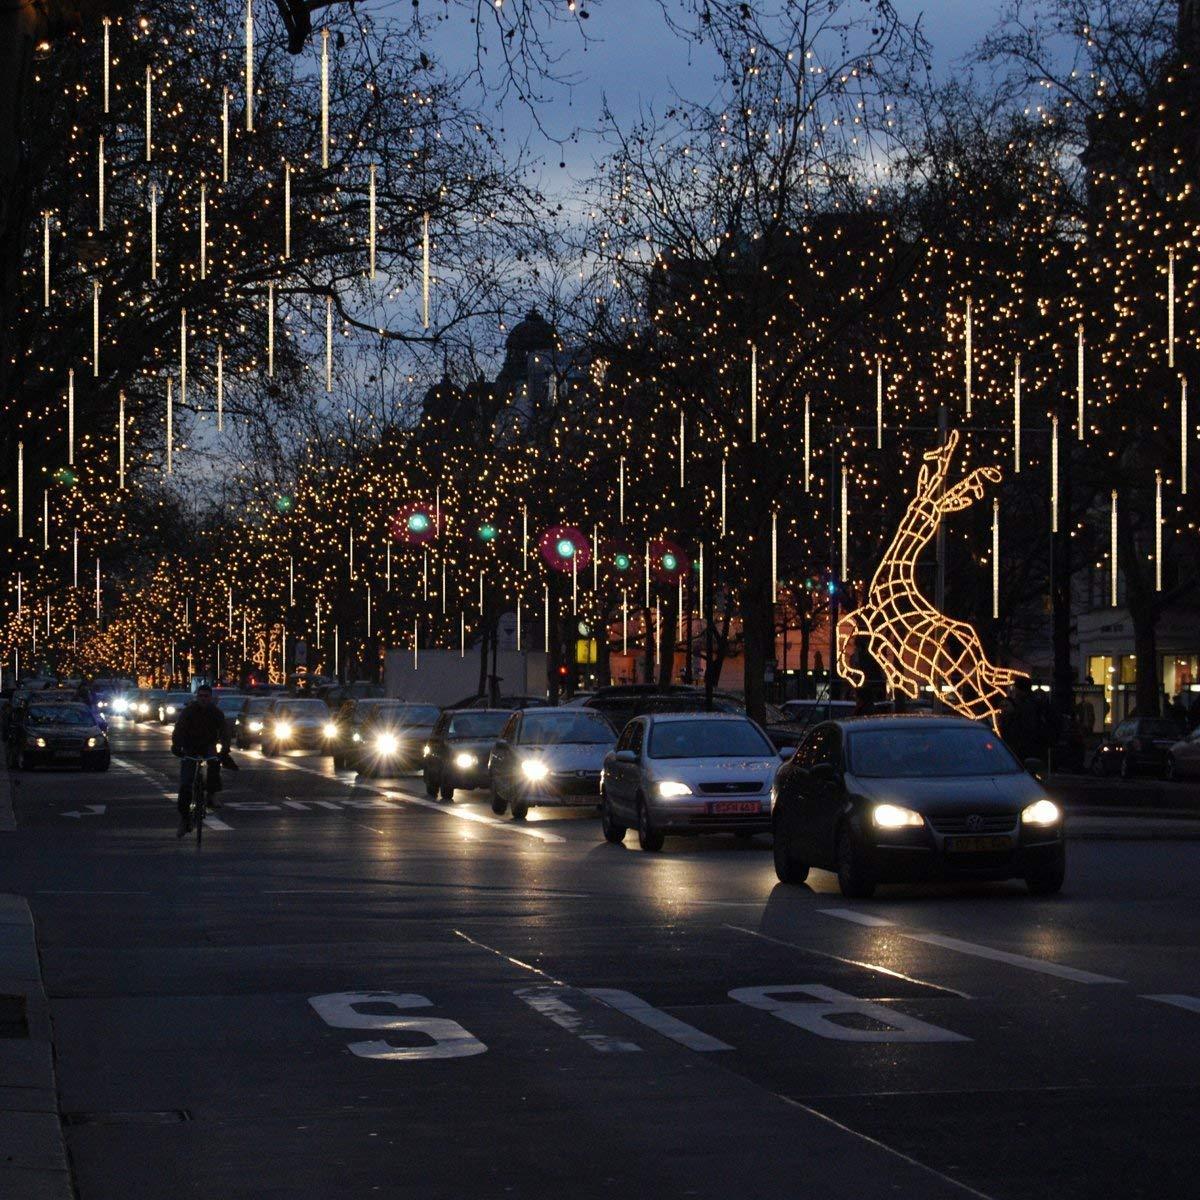 alberi di Natale Colore 30cm 10 Tubo 360LED Pioggia Luci,DINOWIN Meteor Luci Impermeabili Solare Decorazione luci a Sospensione per Esterni Giardino Festa di Nozze